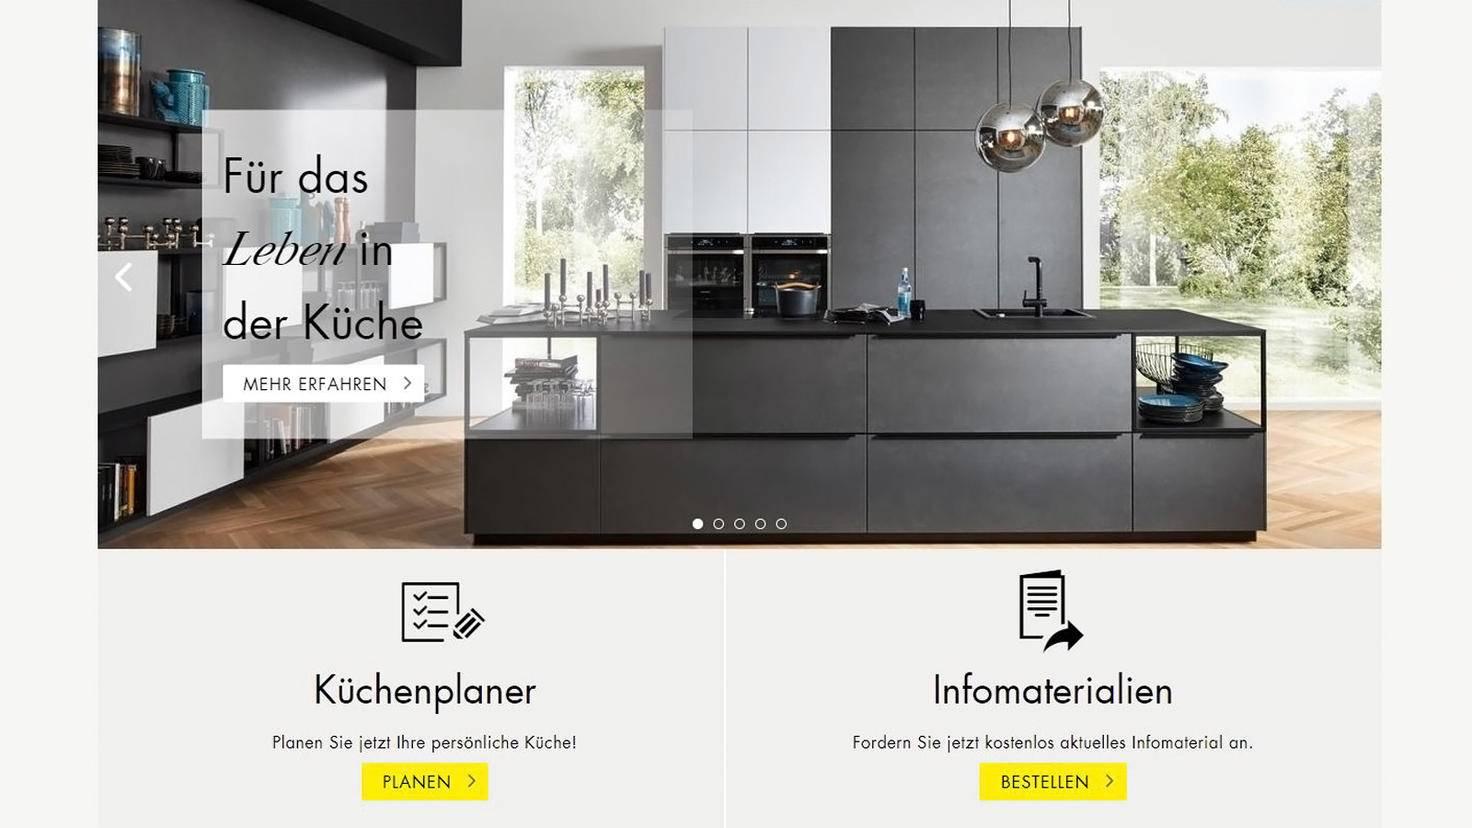 Nolte Küchen Küchenplaner-Nolte Küchen